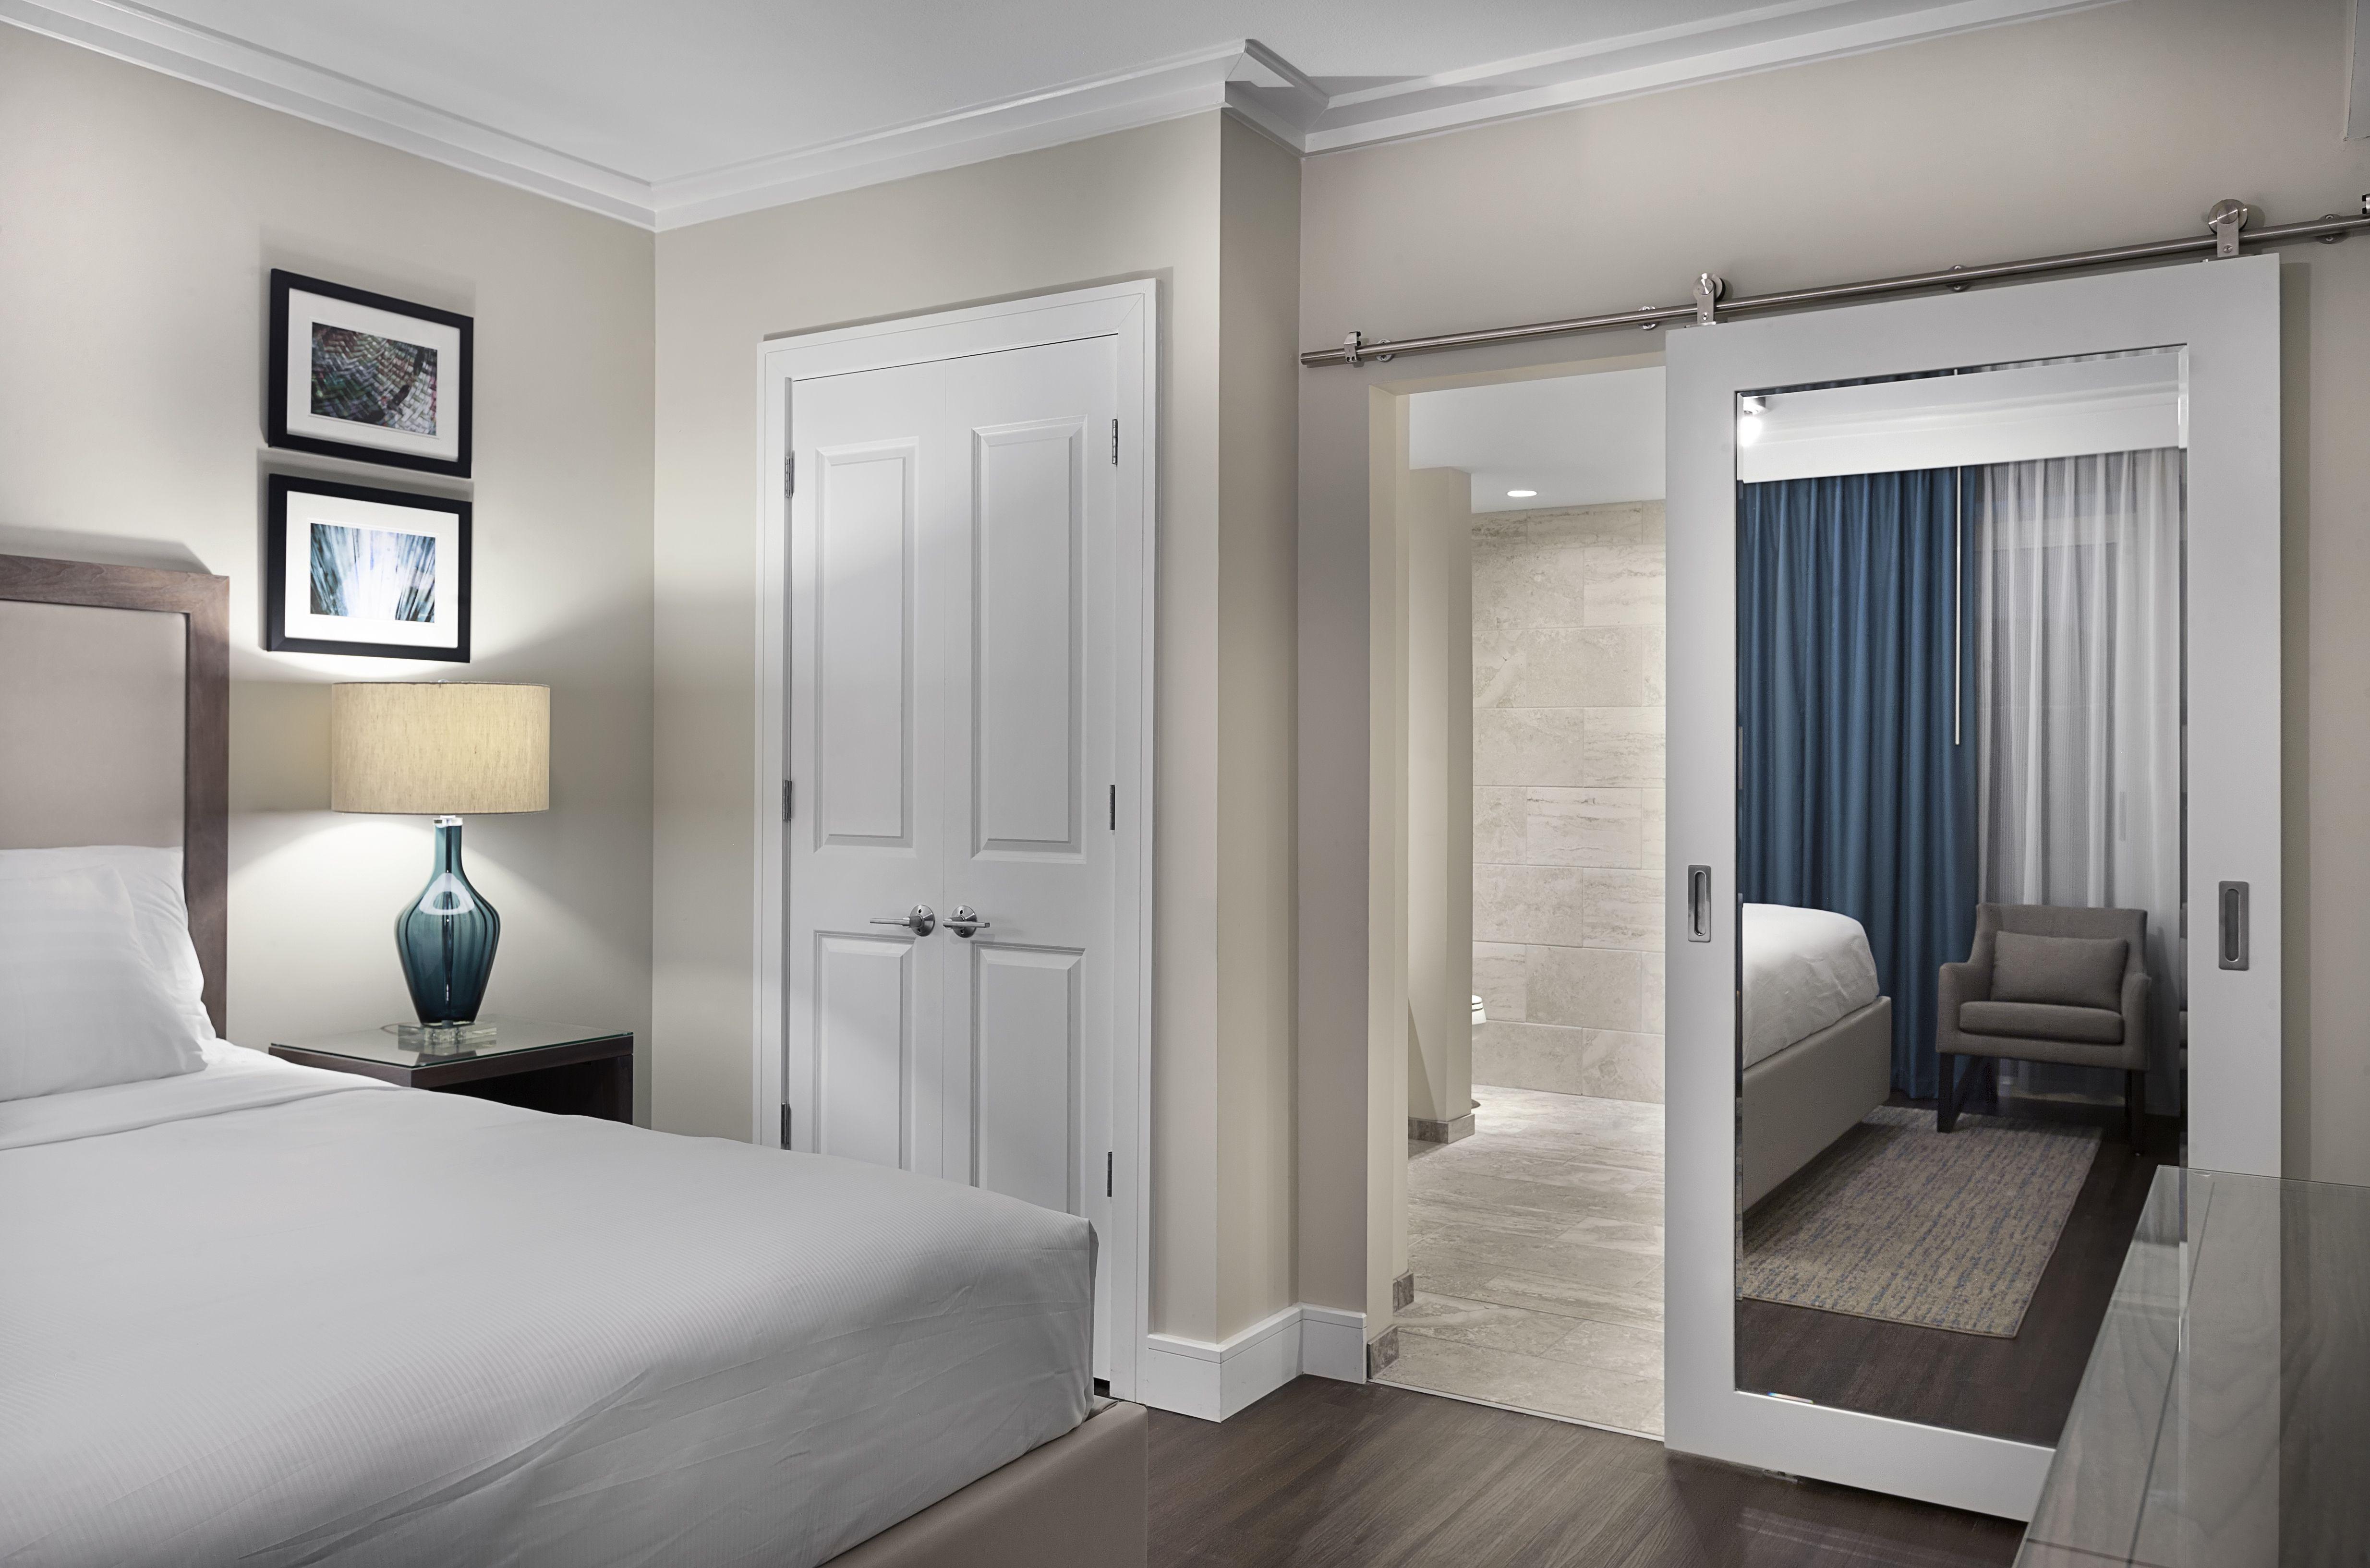 Ocean Oak Resort By Hilton  Hilton Head, Sc Dsi